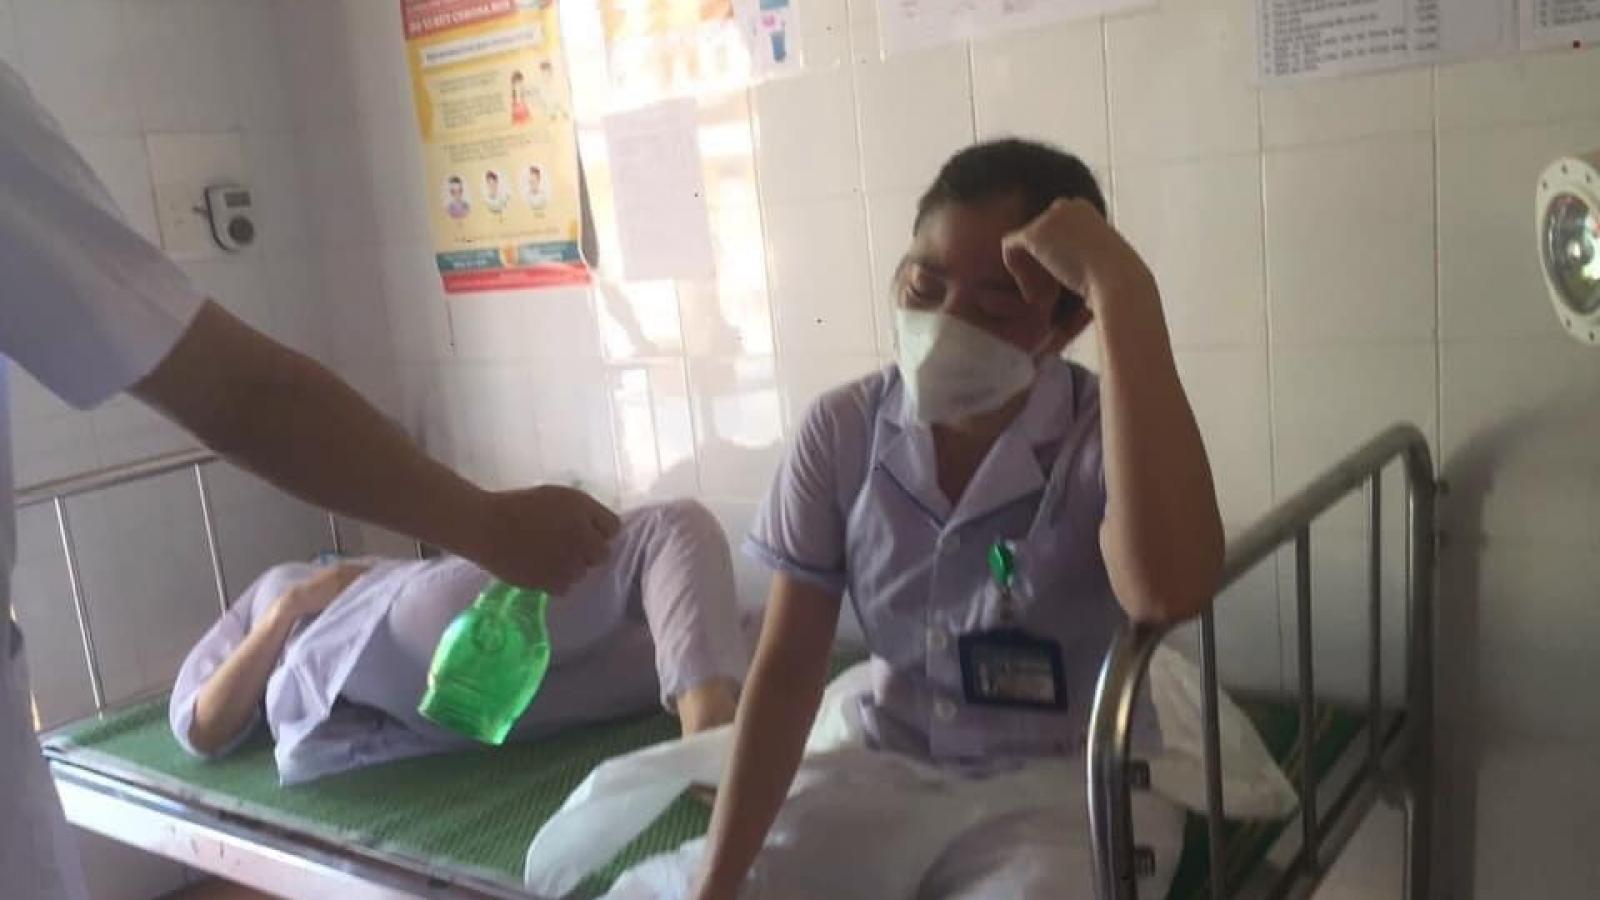 Ba nữ nhân viên y tế ở Thuận Thành kiệt sức đến ngất xỉu khi chống dịch Covid-19